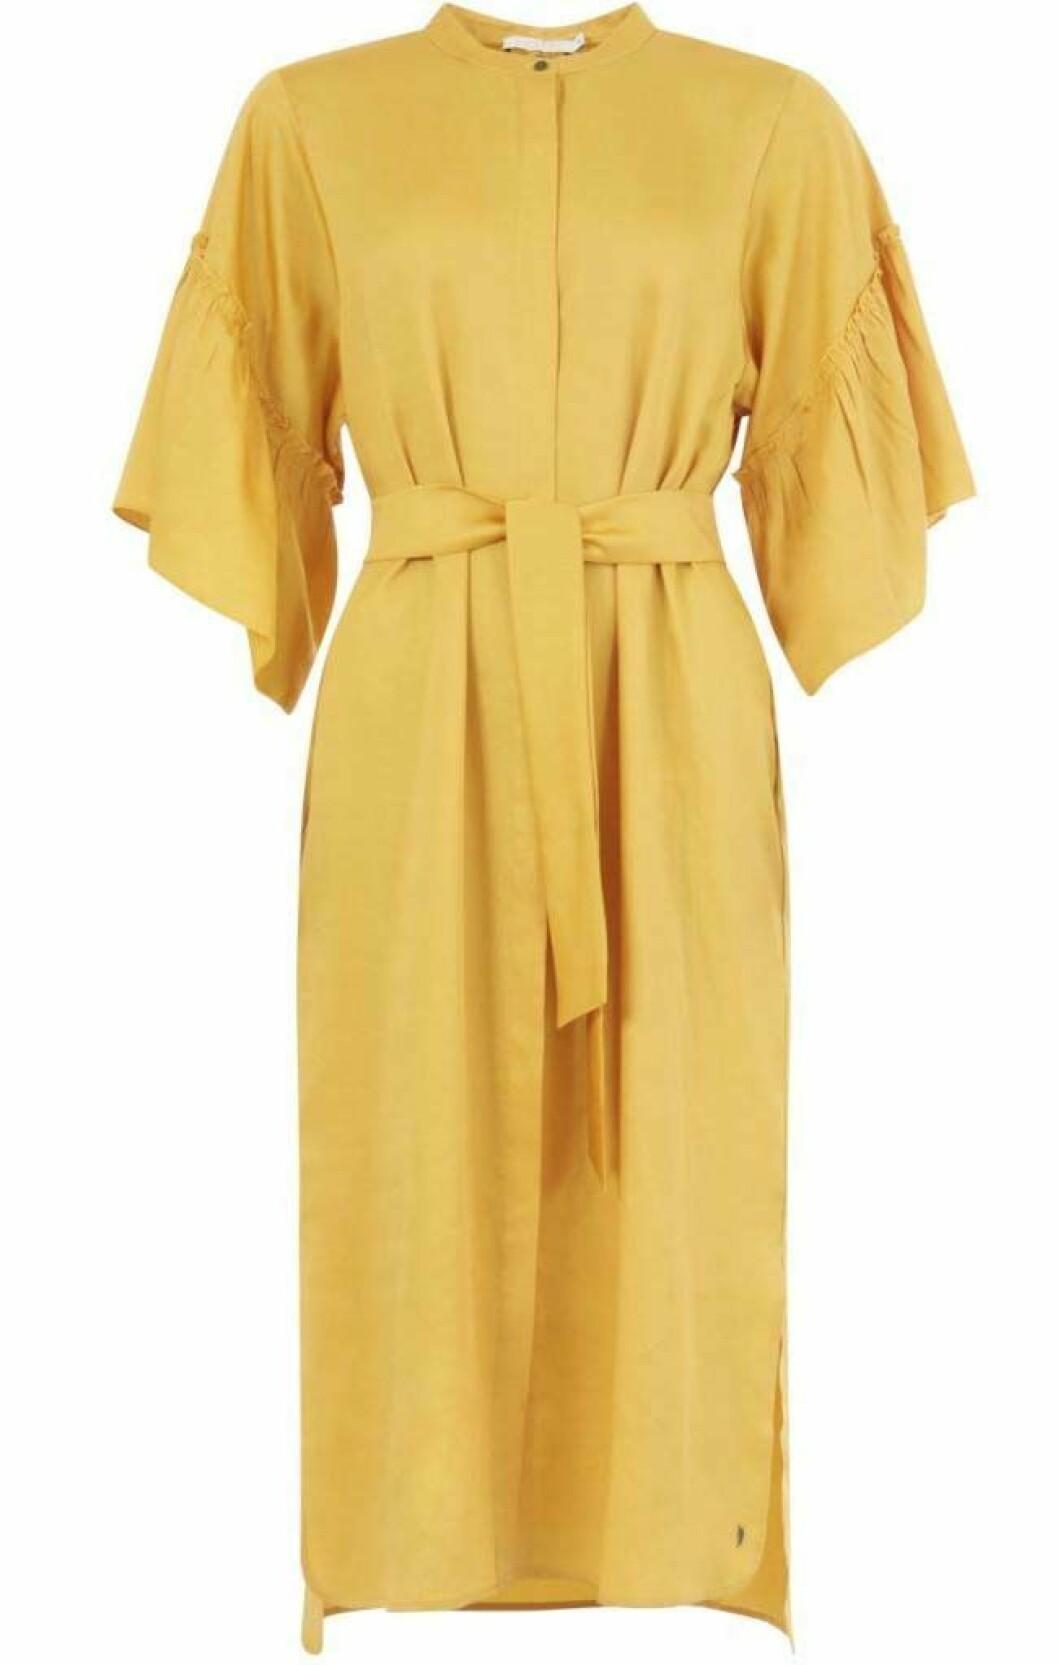 klänning-gul-coster-copenhagen